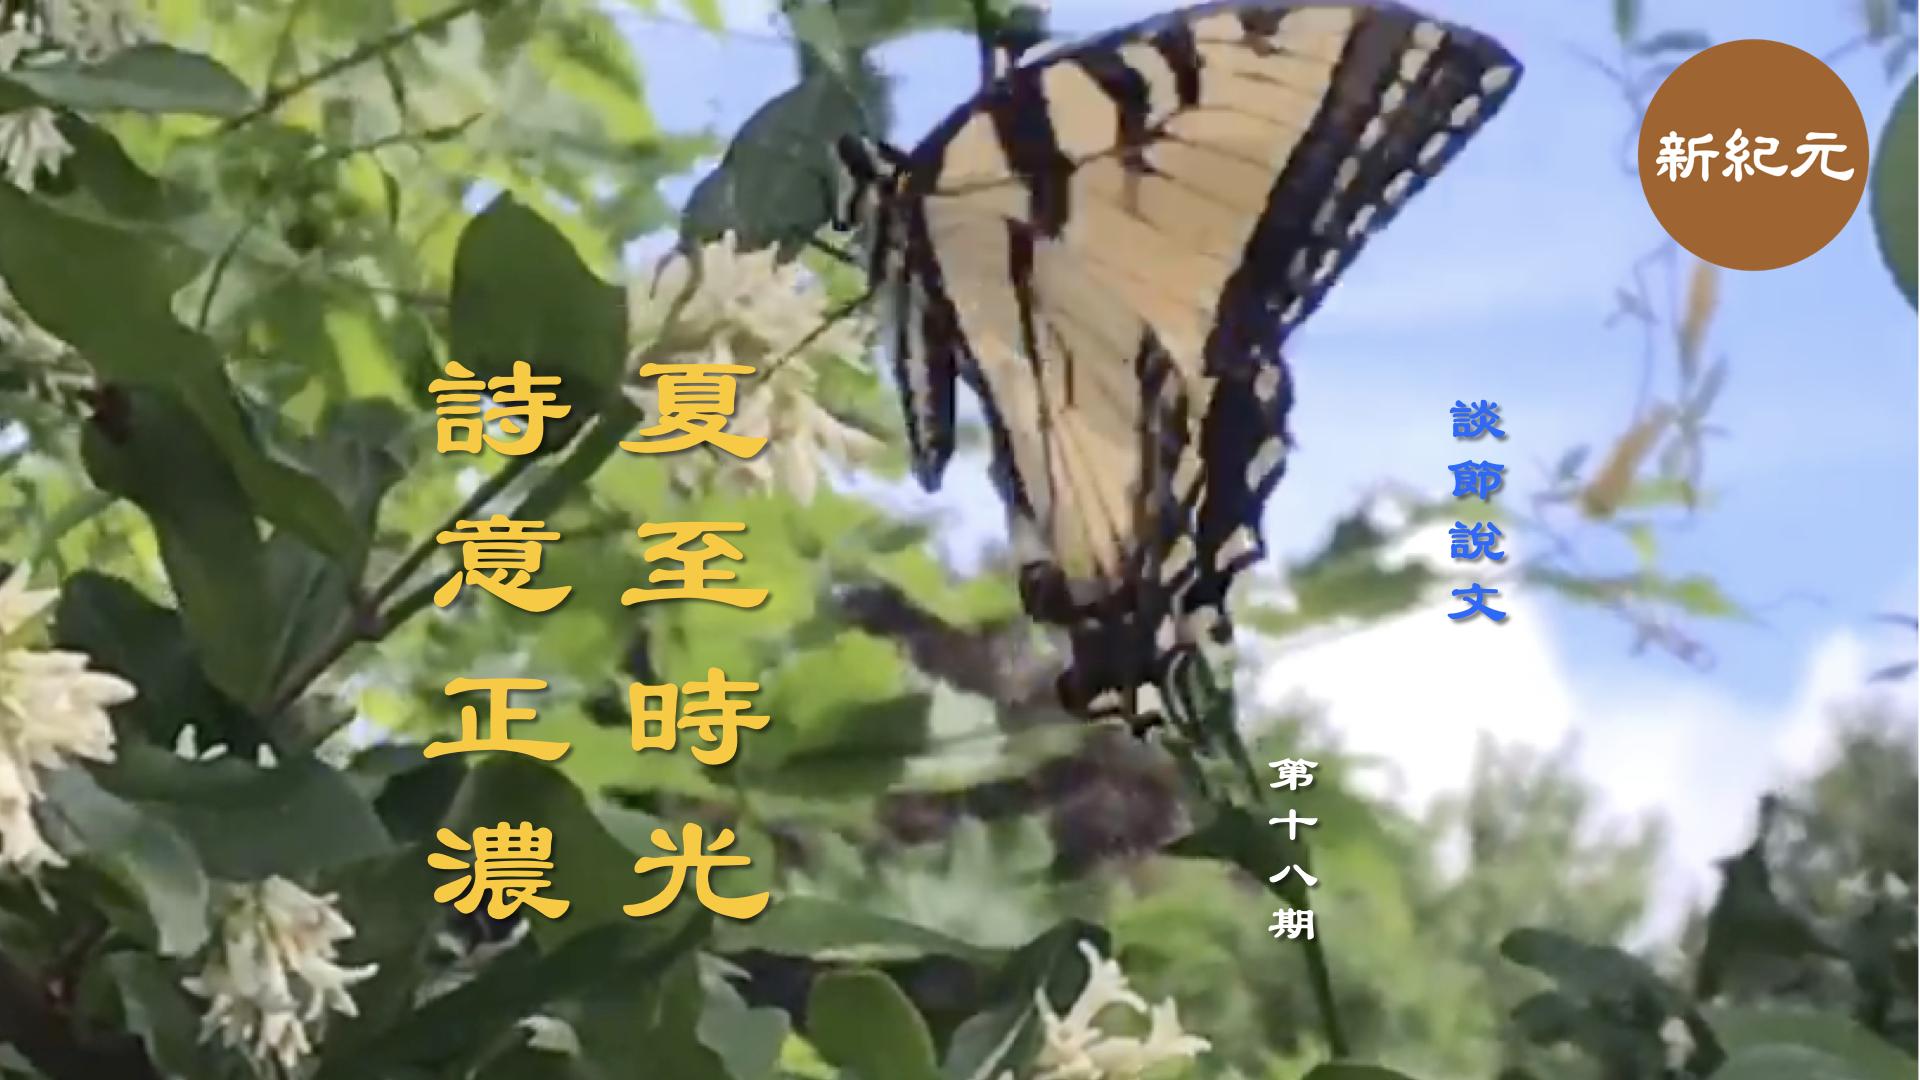 《談節說文》夏至時光 詩意正濃(第十八集)|#新紀元